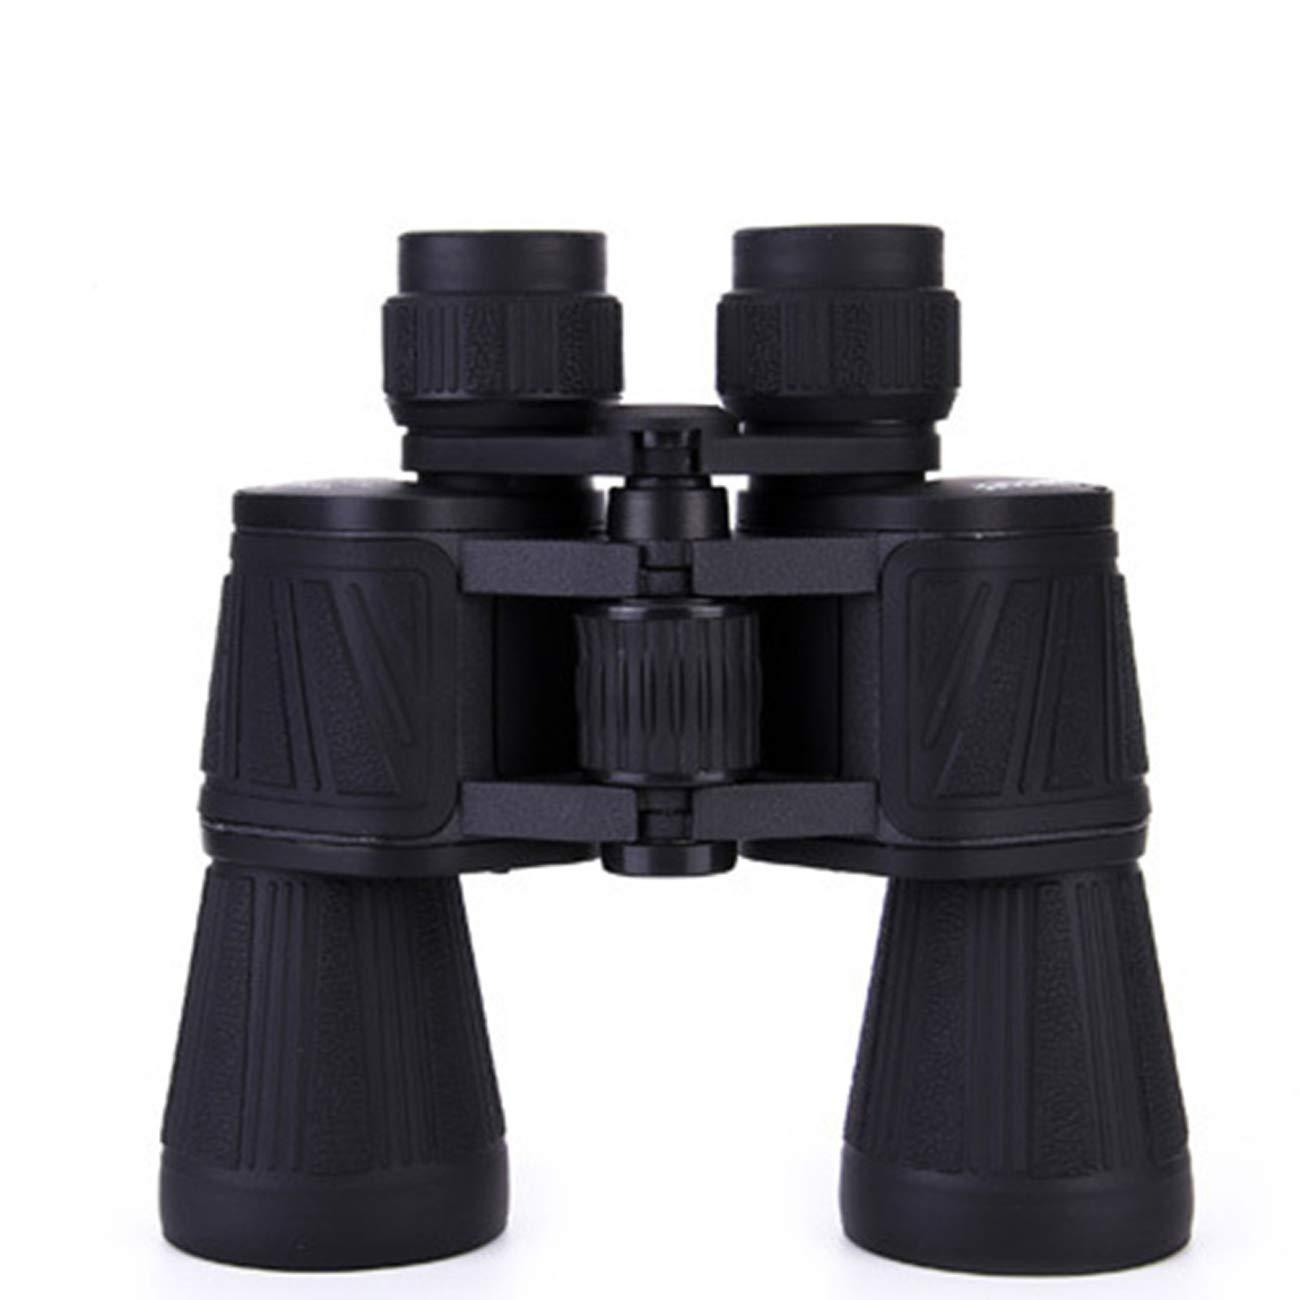 【おまけ付】 X&H HD 高倍率 双眼鏡 10 50 10 ポータブル 防水 高倍率 双眼鏡 ポータブル 最適な屋外スポーツバードウォッチング 大人と子供に最適 B07H9M59ZJ, 宮代町:184bf94c --- a0267596.xsph.ru